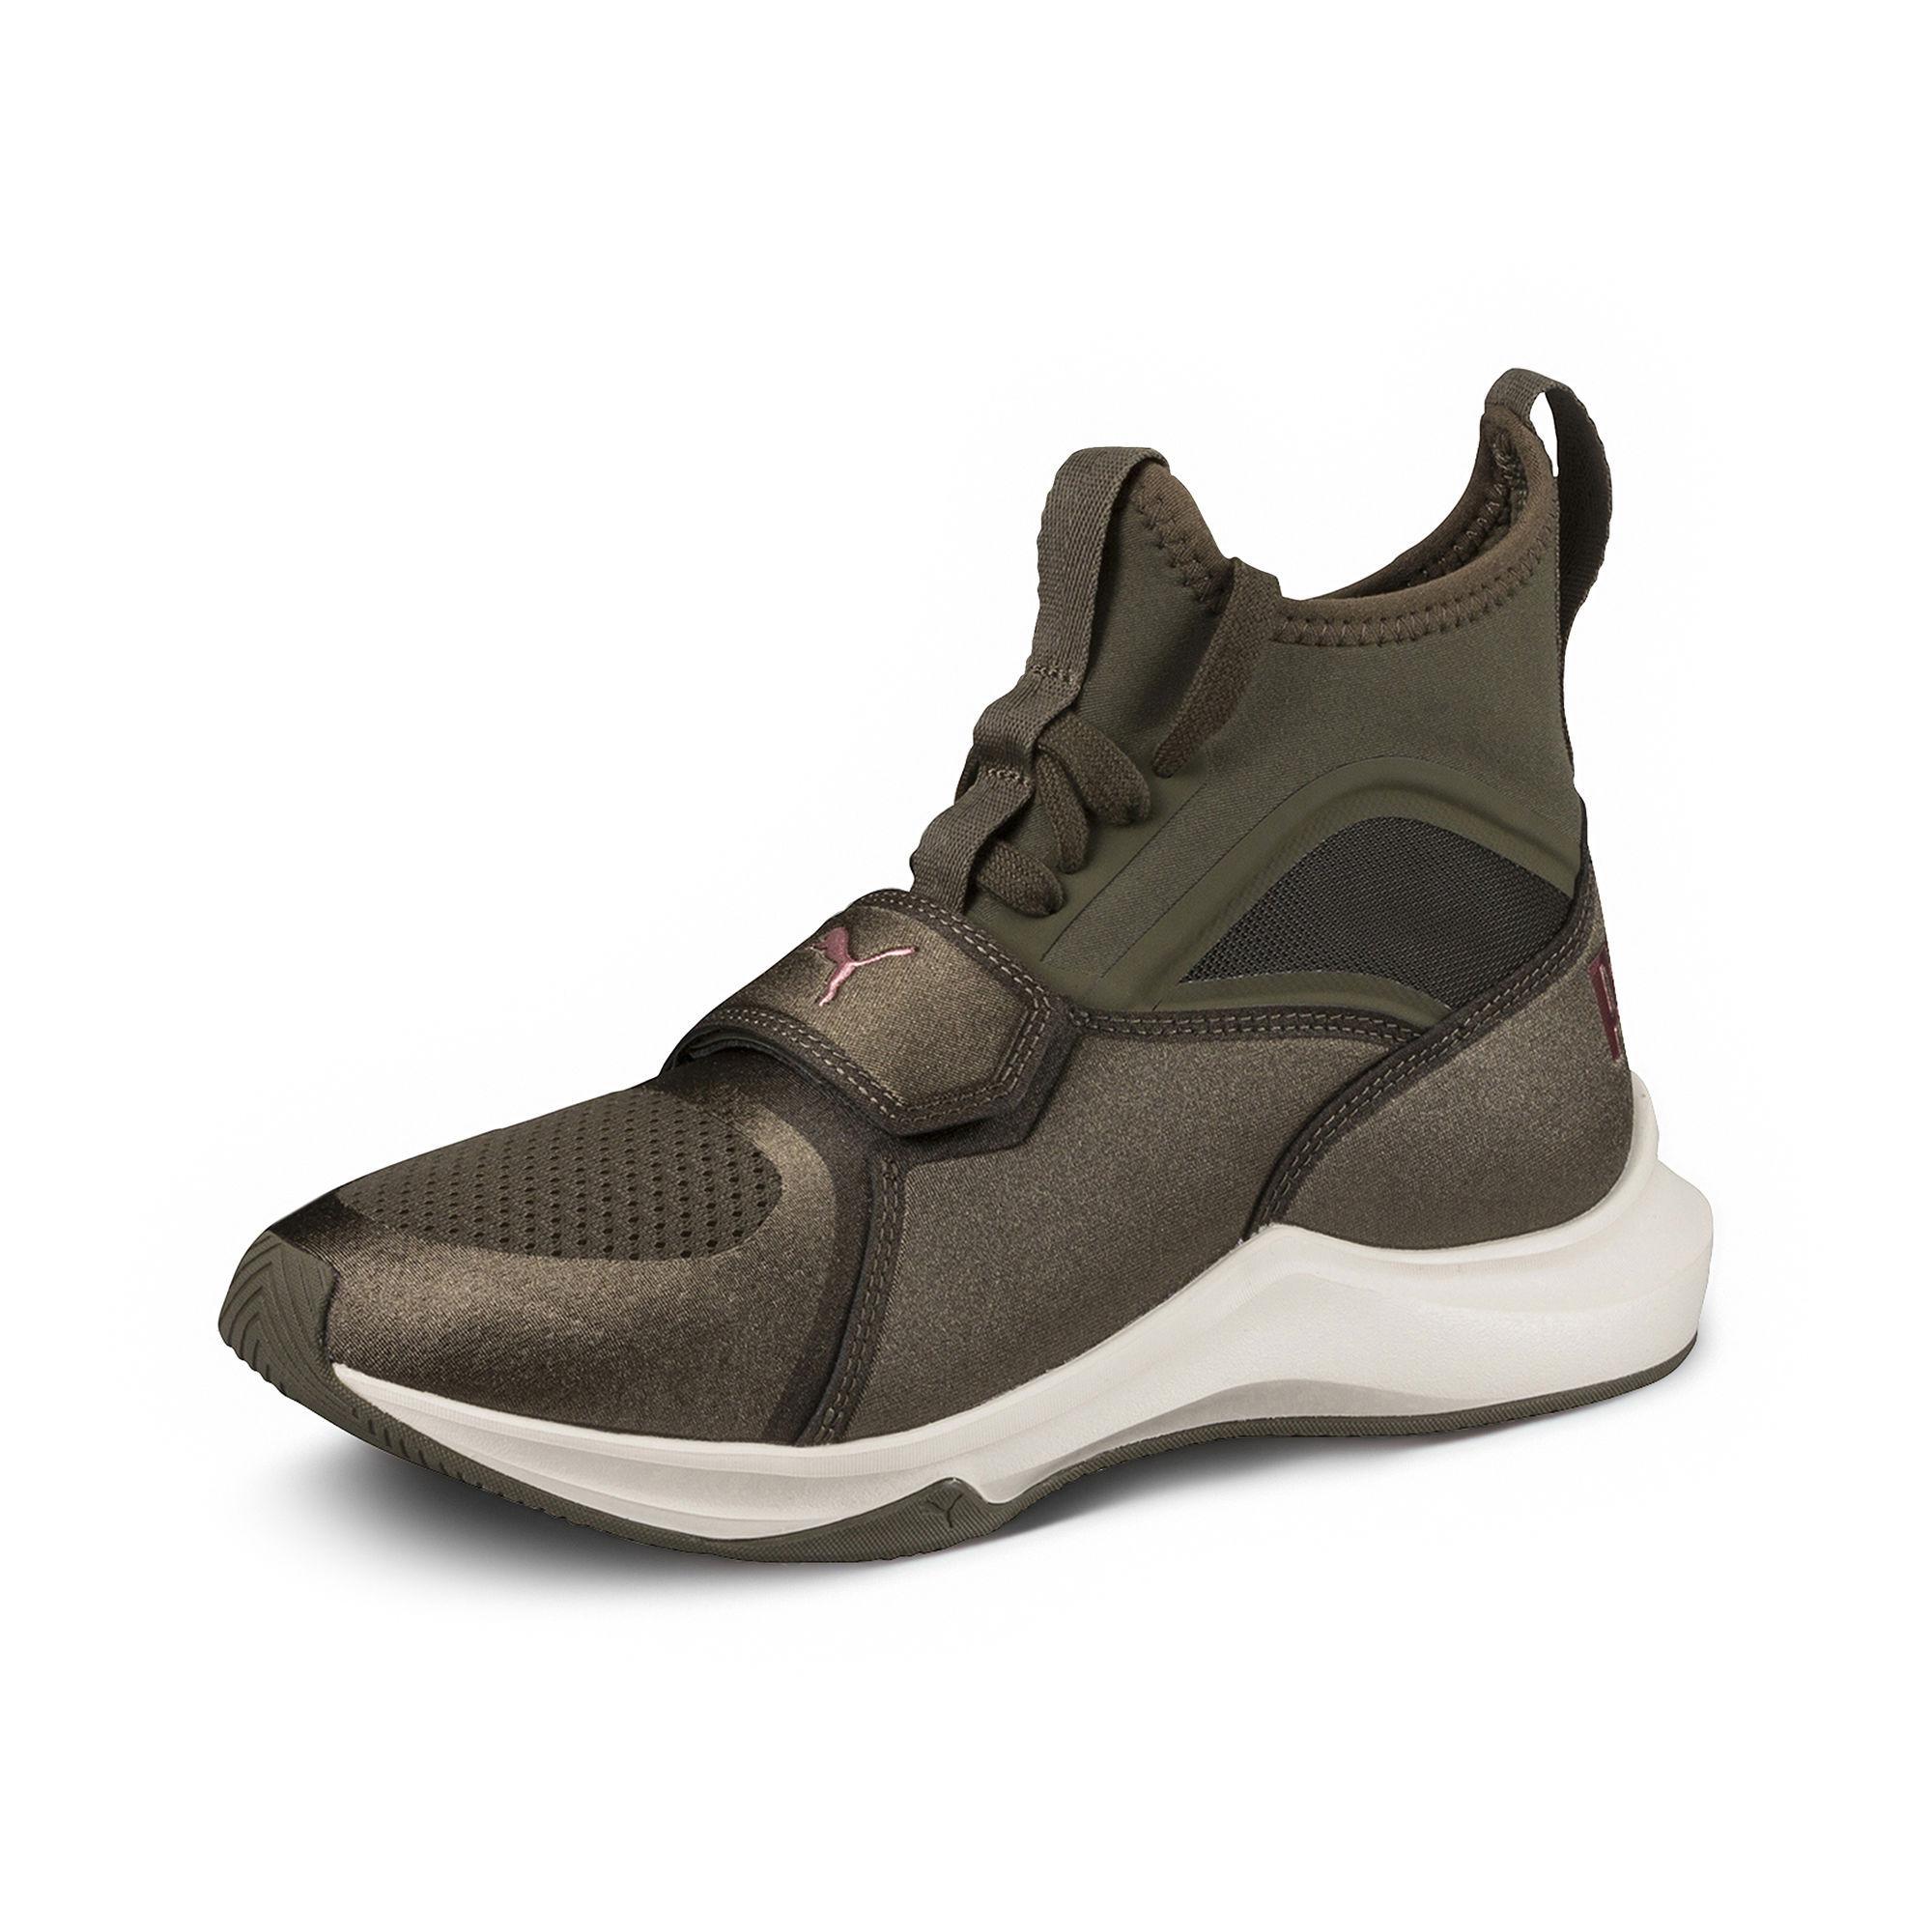 Lyst - PUMA Phenom Women s Training Shoes feb375353